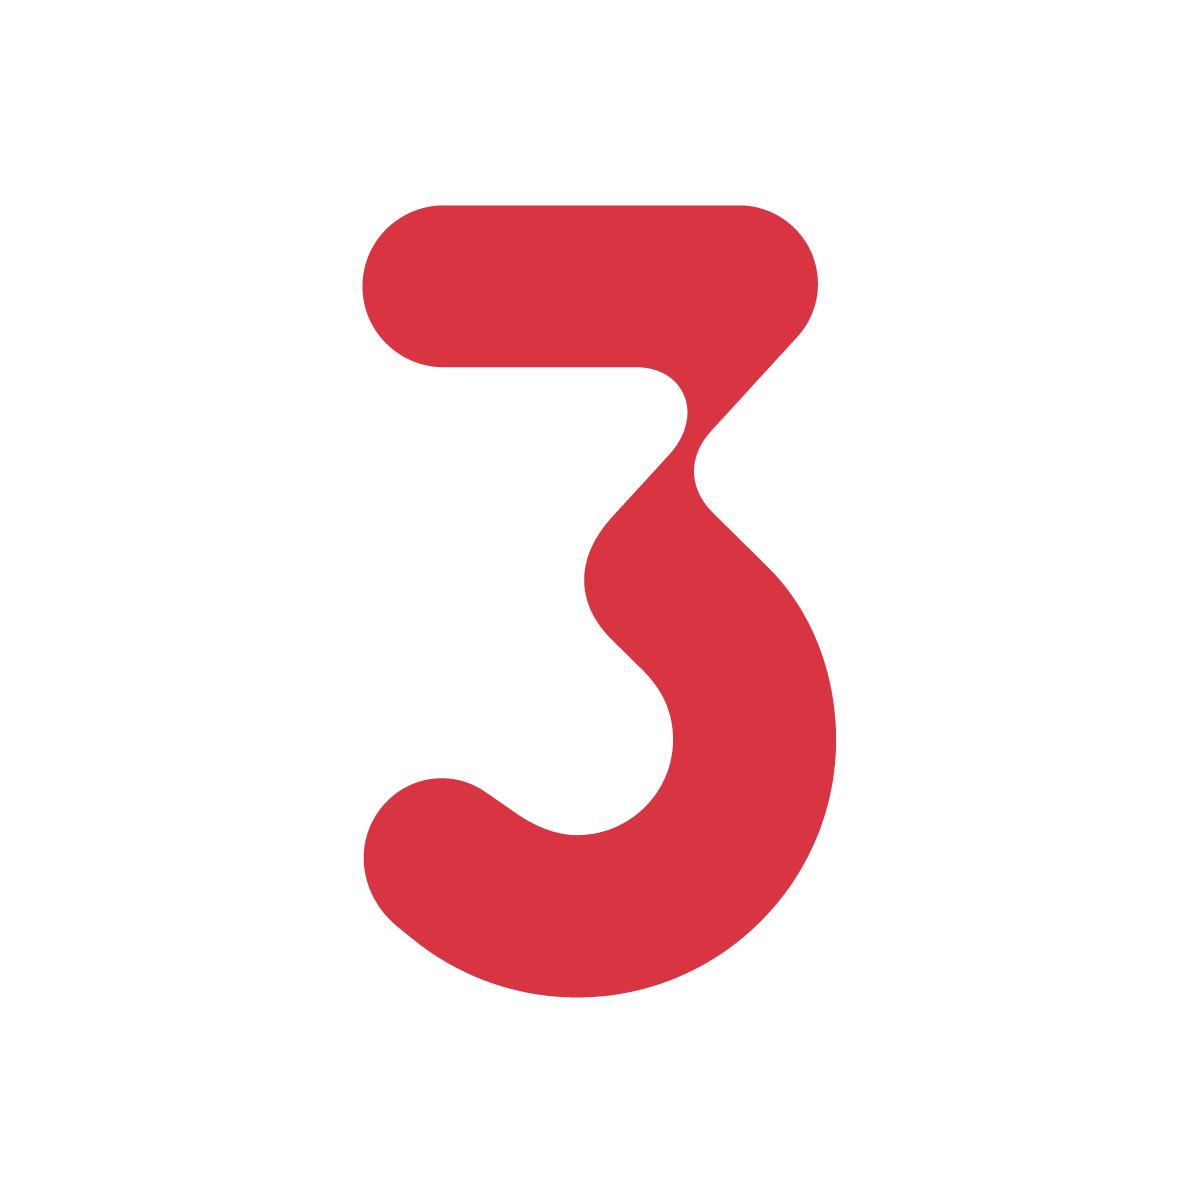 sp3 logo design by logo designer Designmind